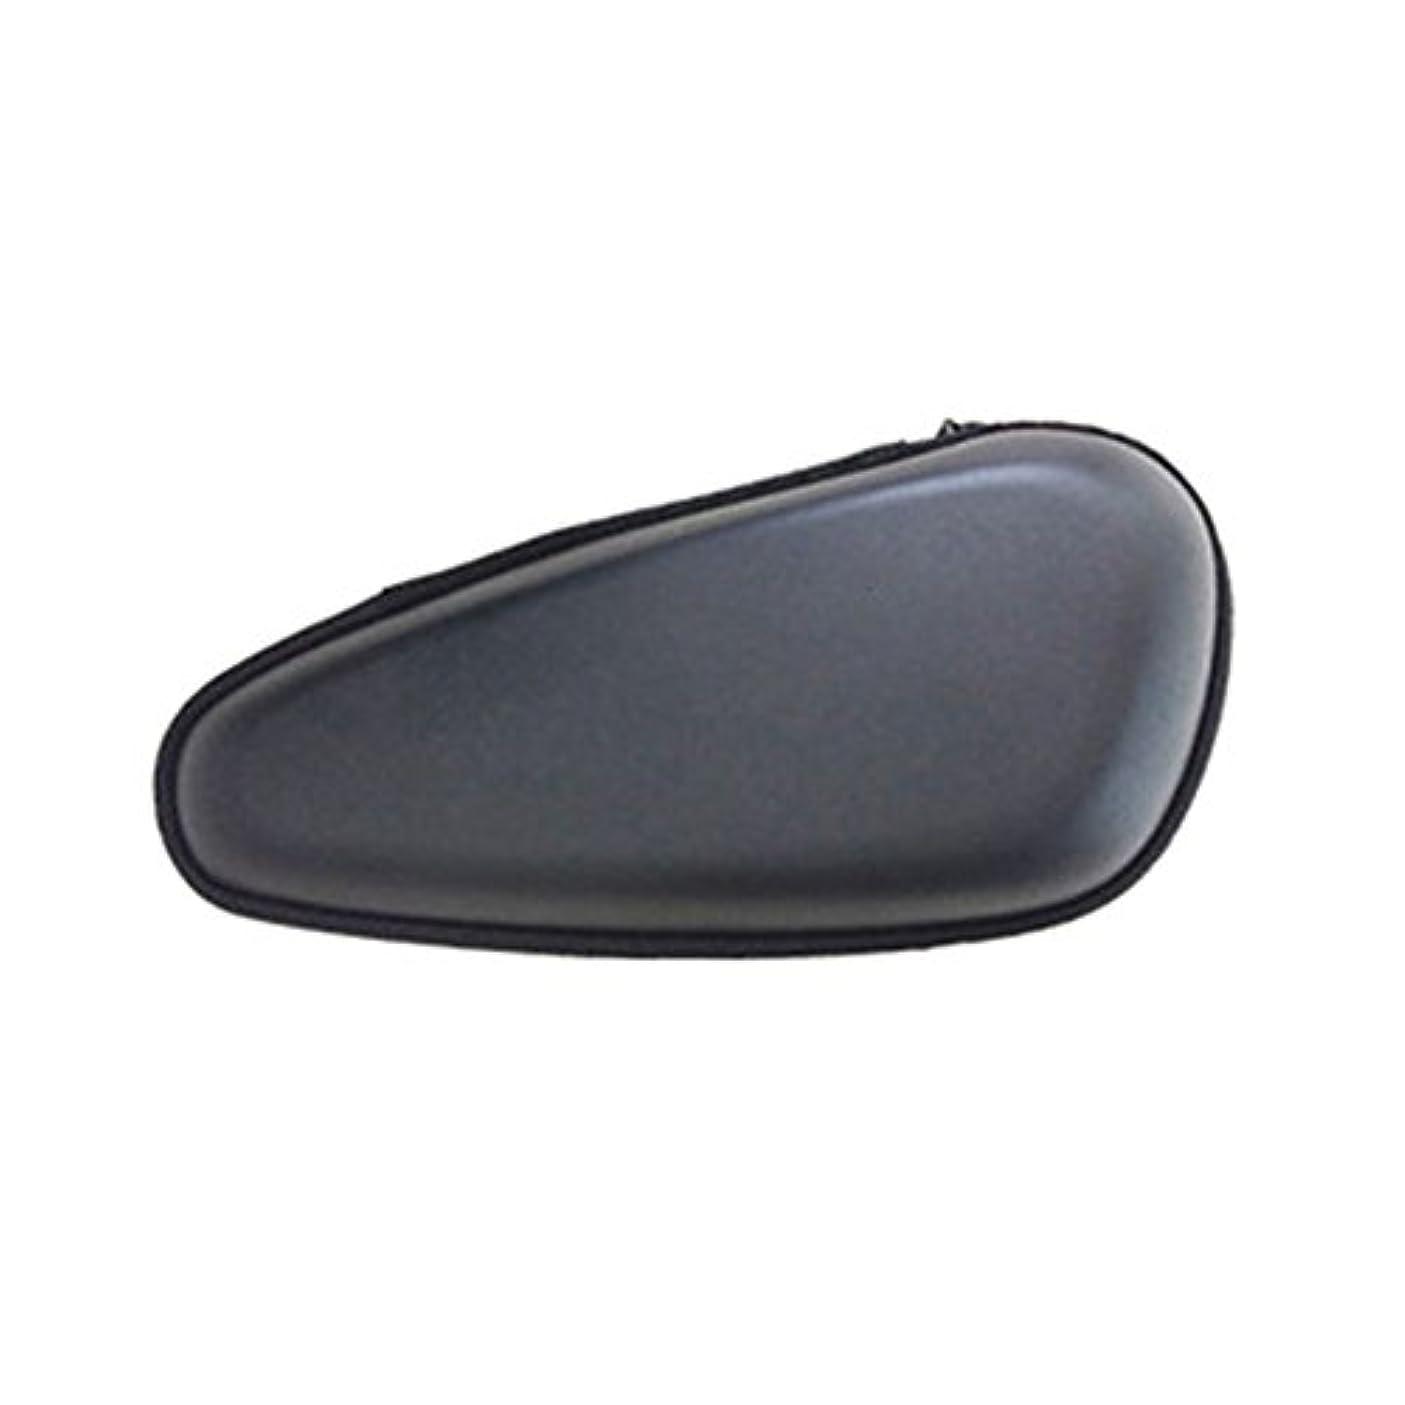 進捗母性円形のHZjundasi Replacement シェーバートラベルケースバッグ for Philips HQ912/909/986/917/904/902